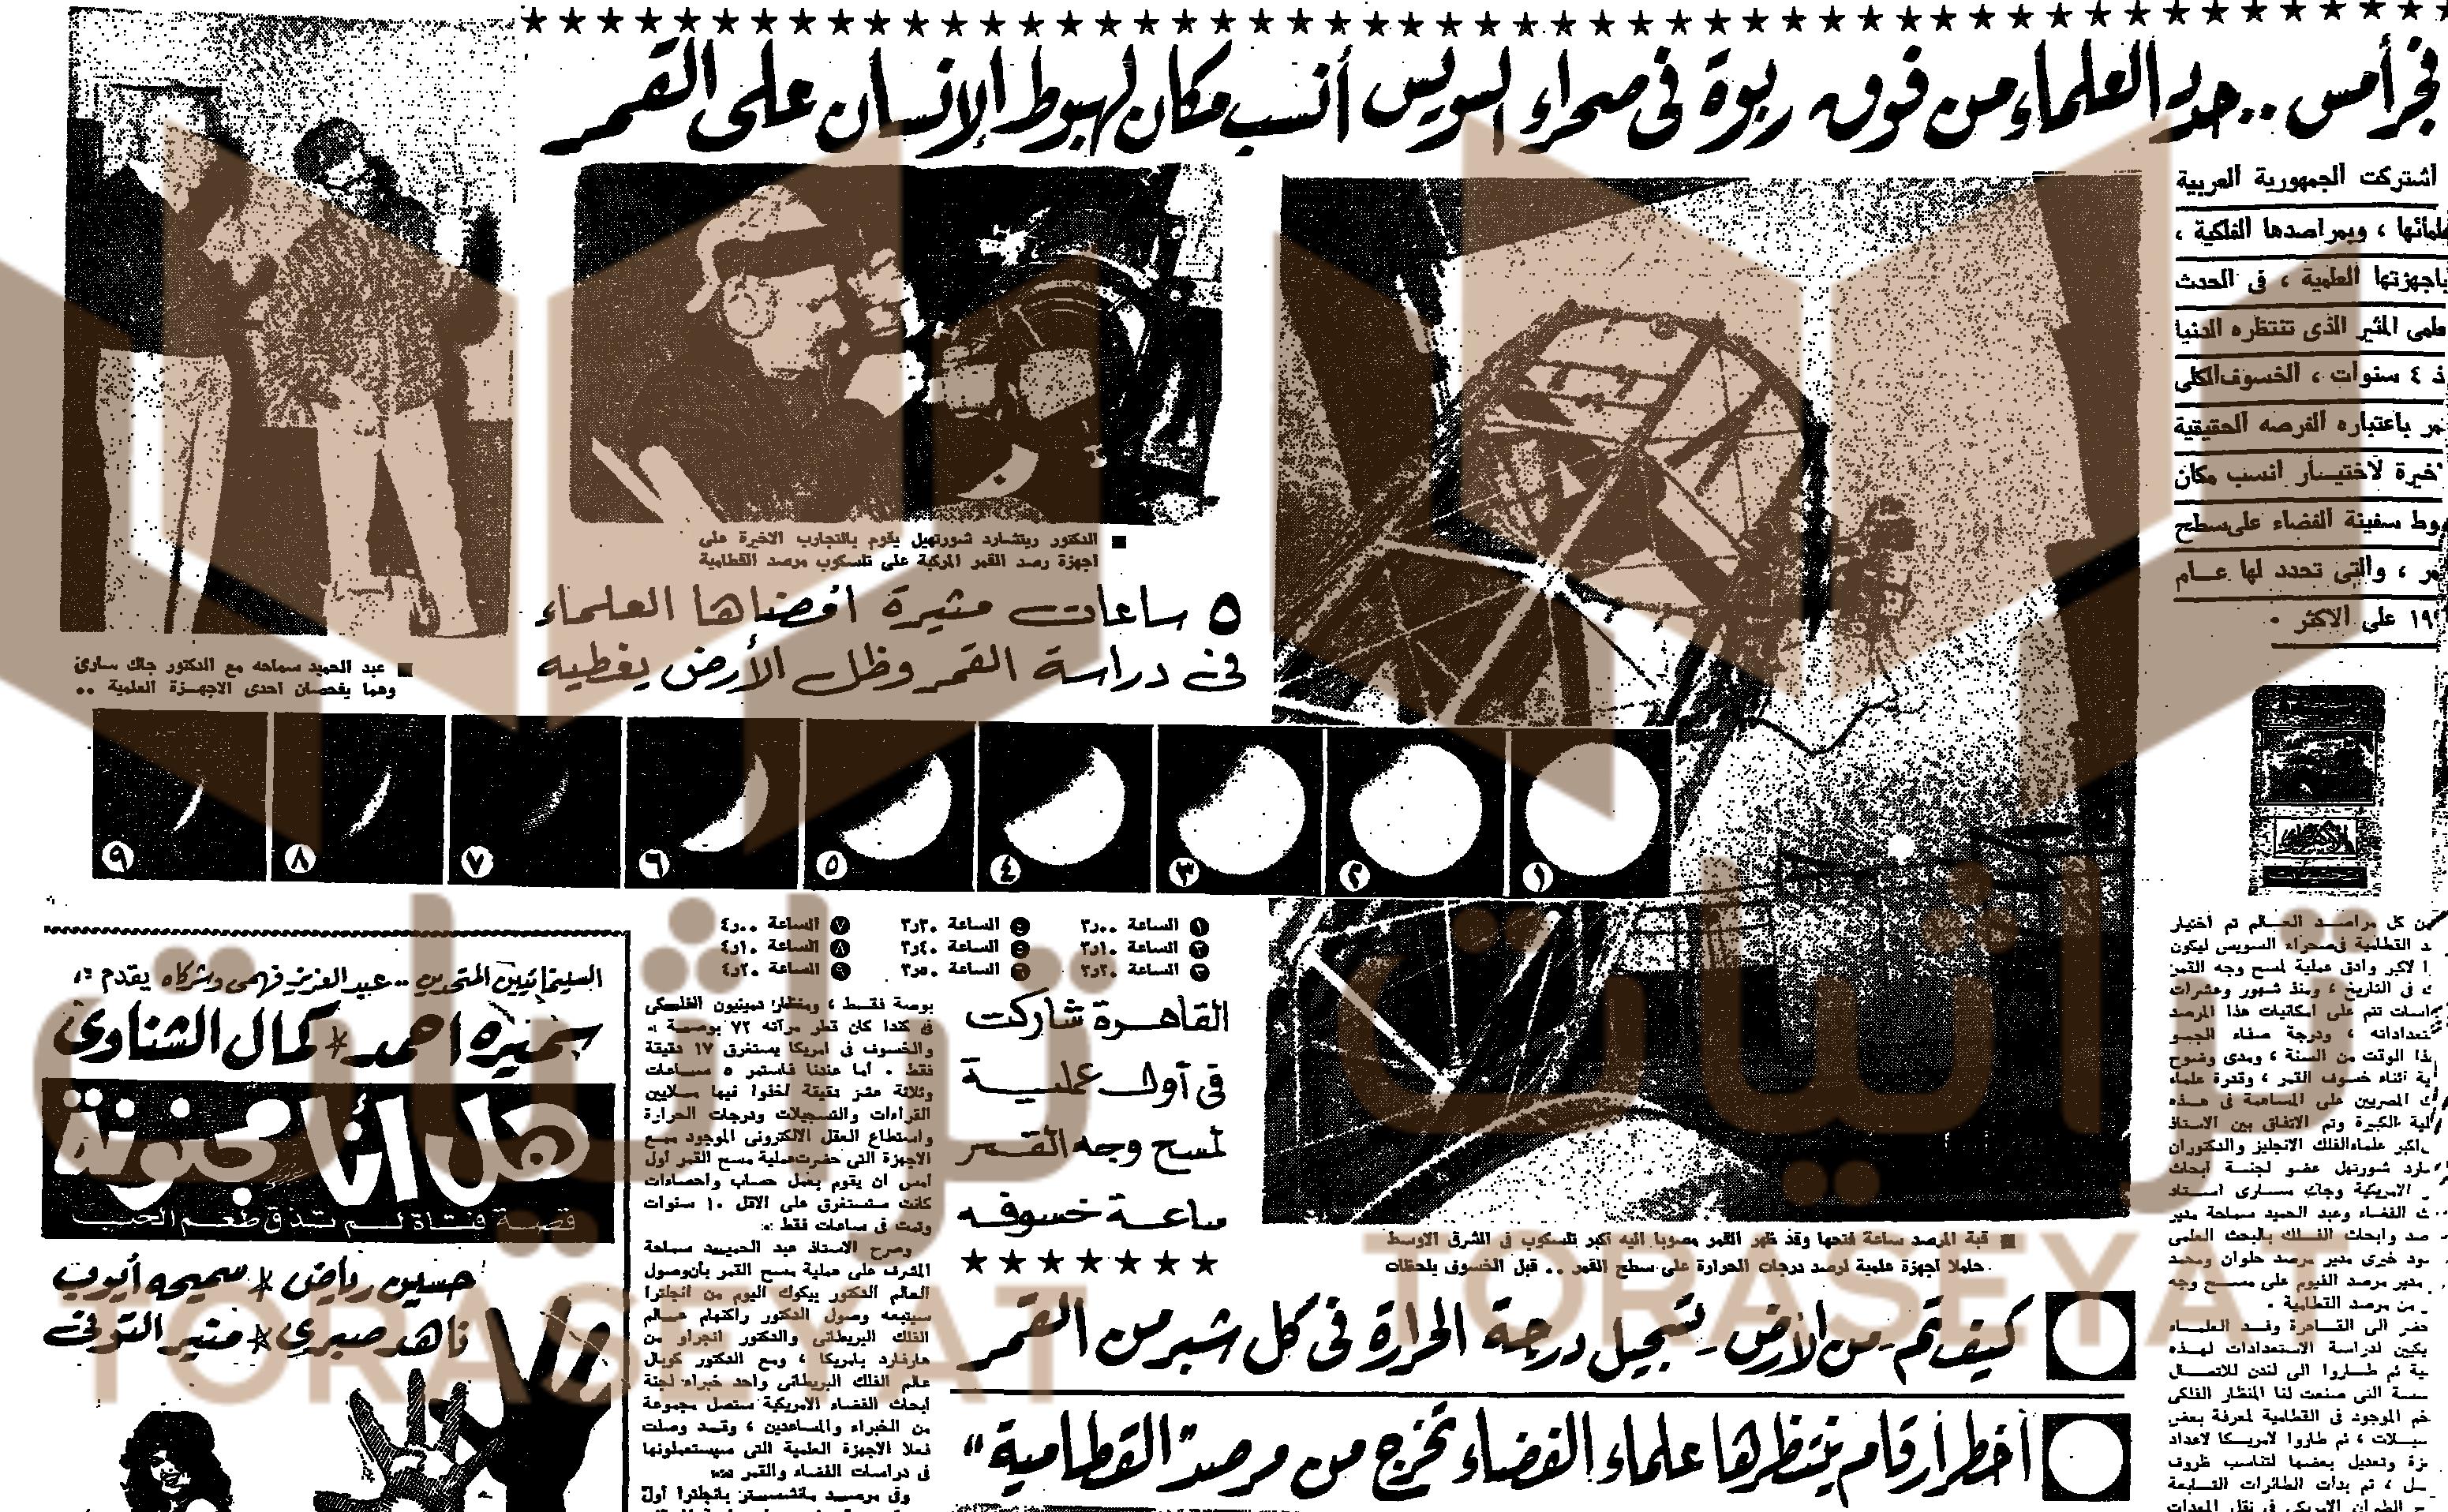 خبر قيام مصر مع العلماء عام 1964 م بتحديد أنسب مكان لهبوط الإنسان على القمر